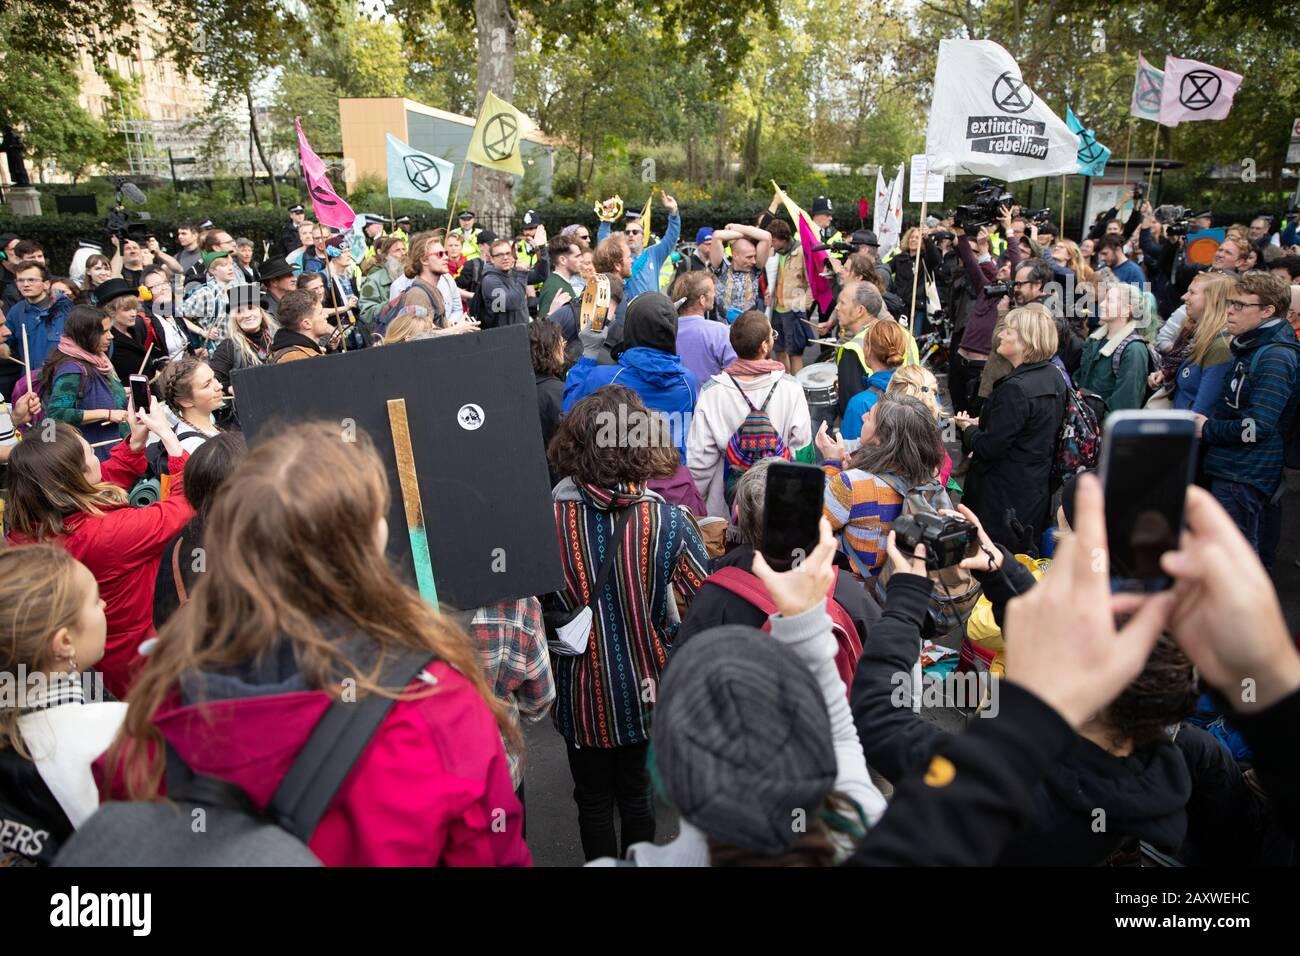 Londres, Reino Unido. 08 OCT 2019. La gente participa en la Rebelión Internacional De Extinción. Extinción Rebelión llevó a cabo la protesta Foto de stock